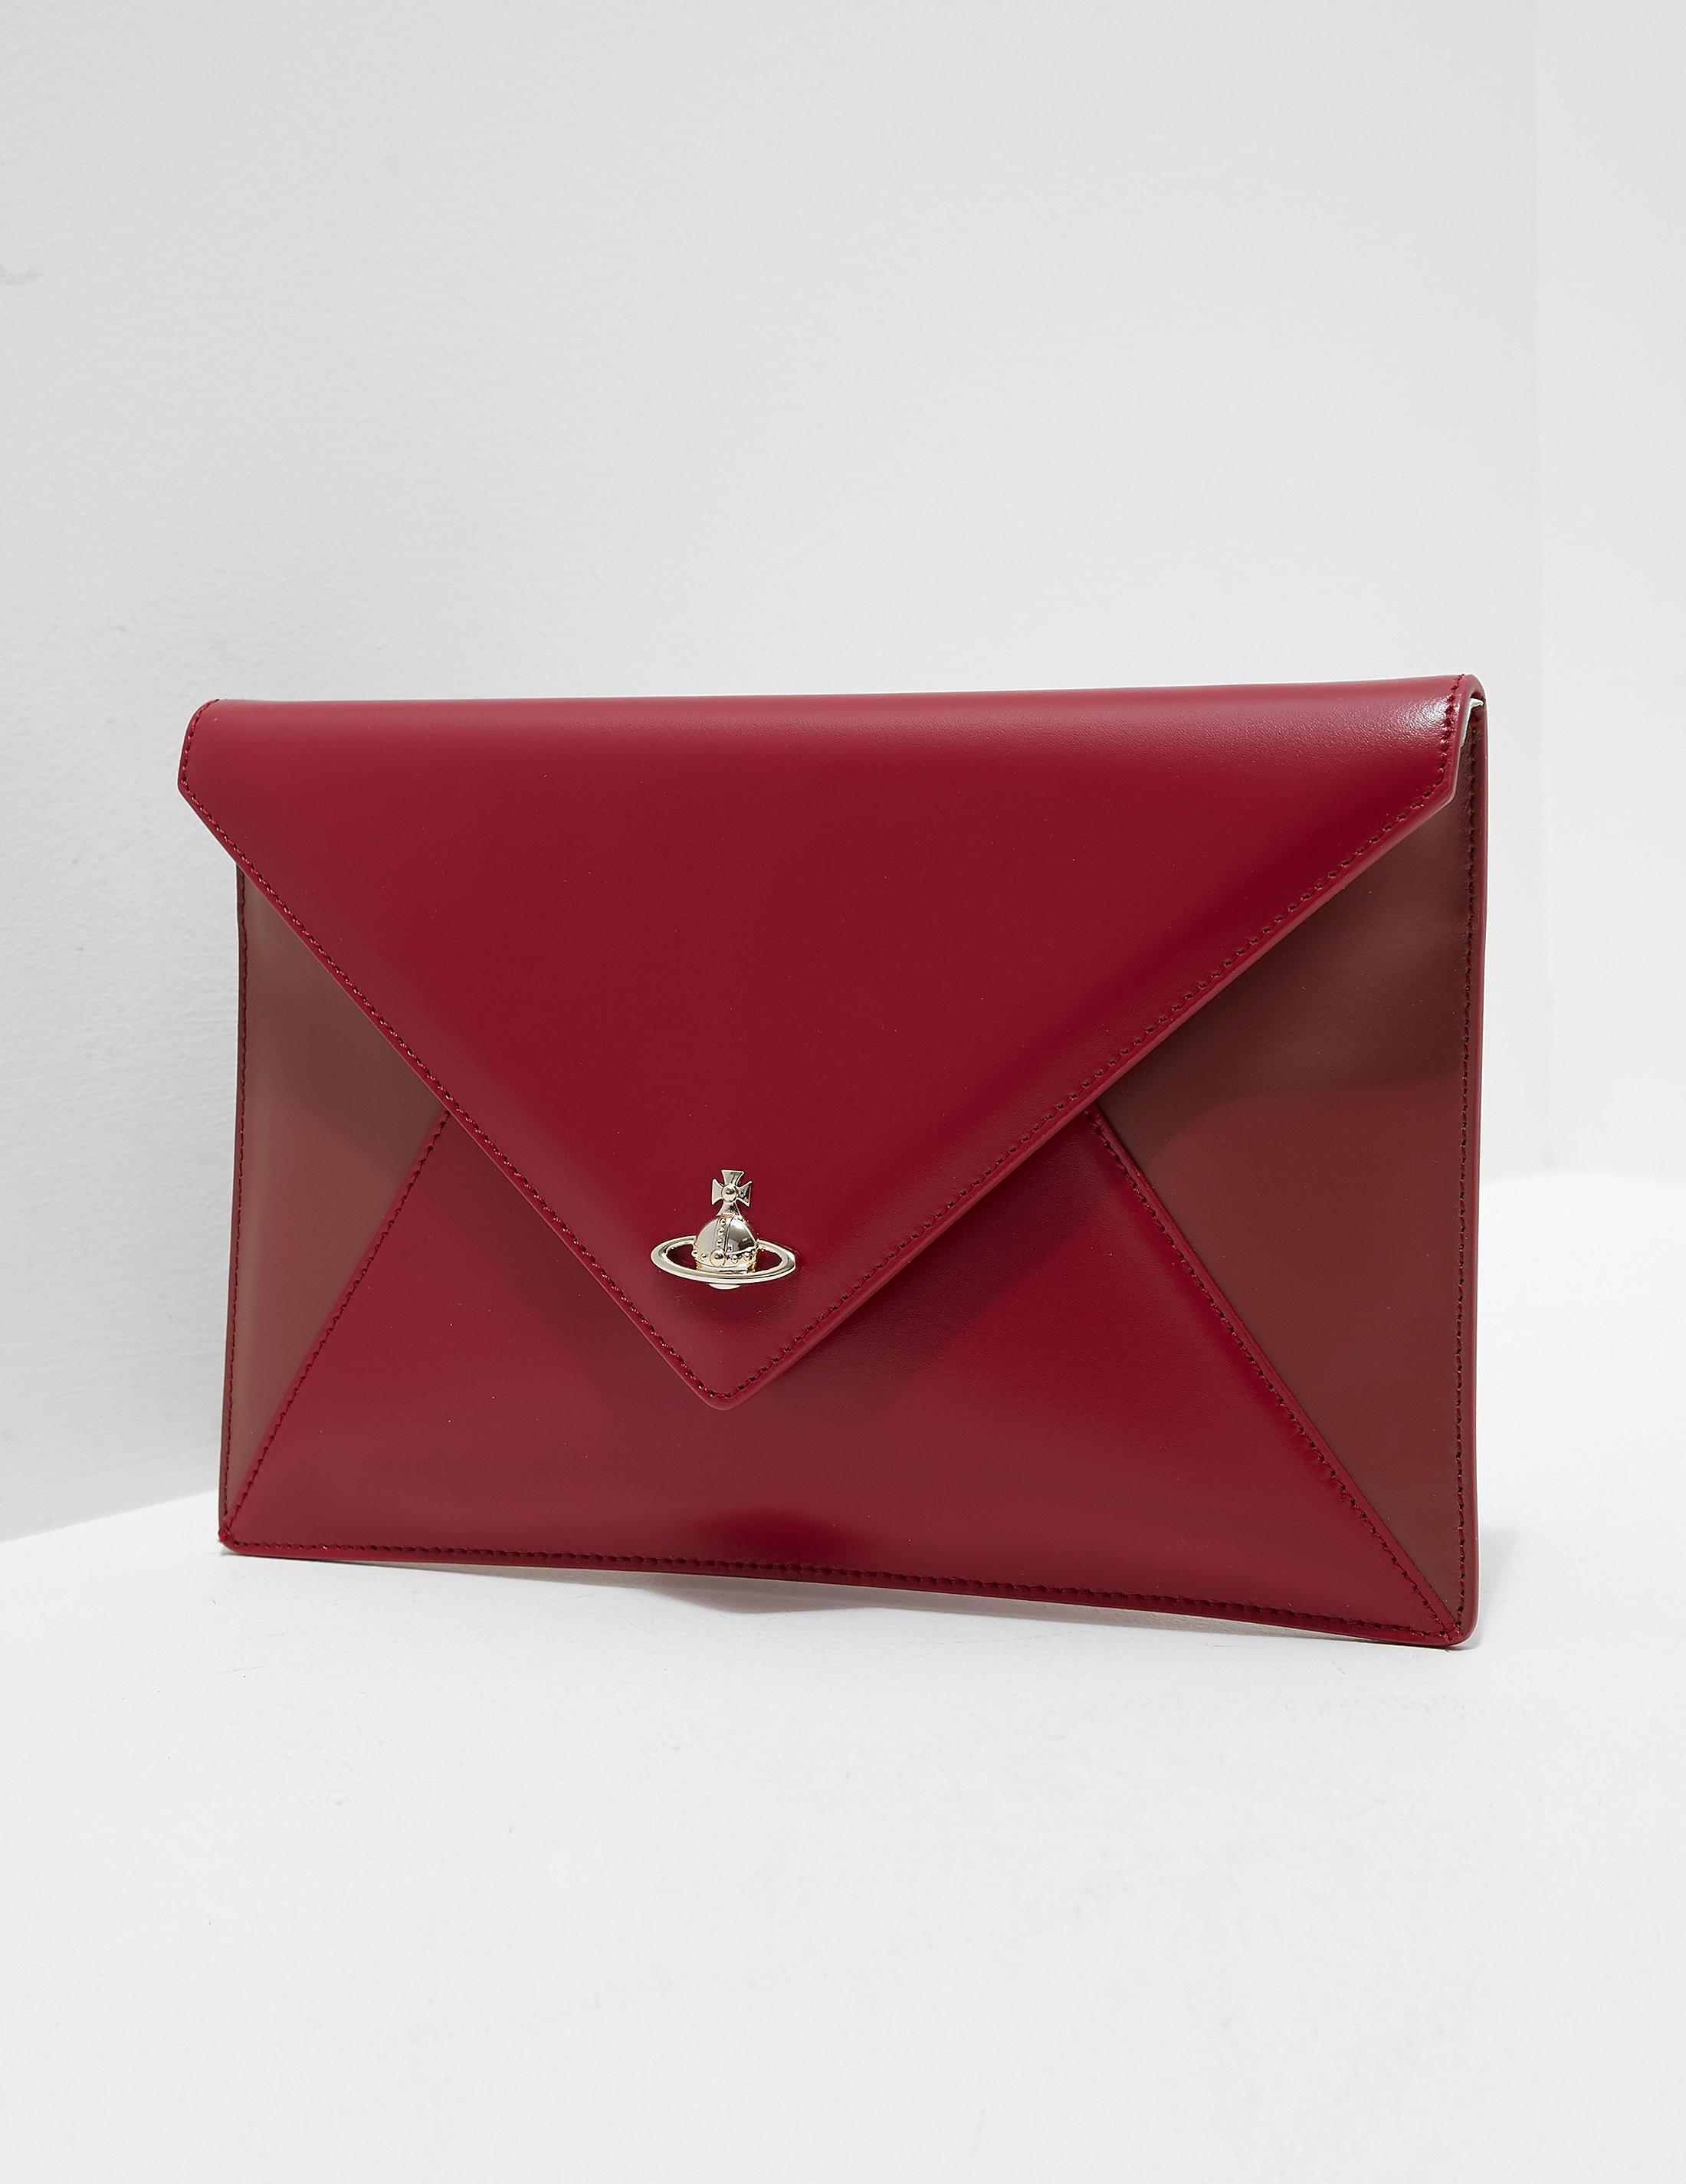 Vivienne Westwood Saffiano Clutch Bag